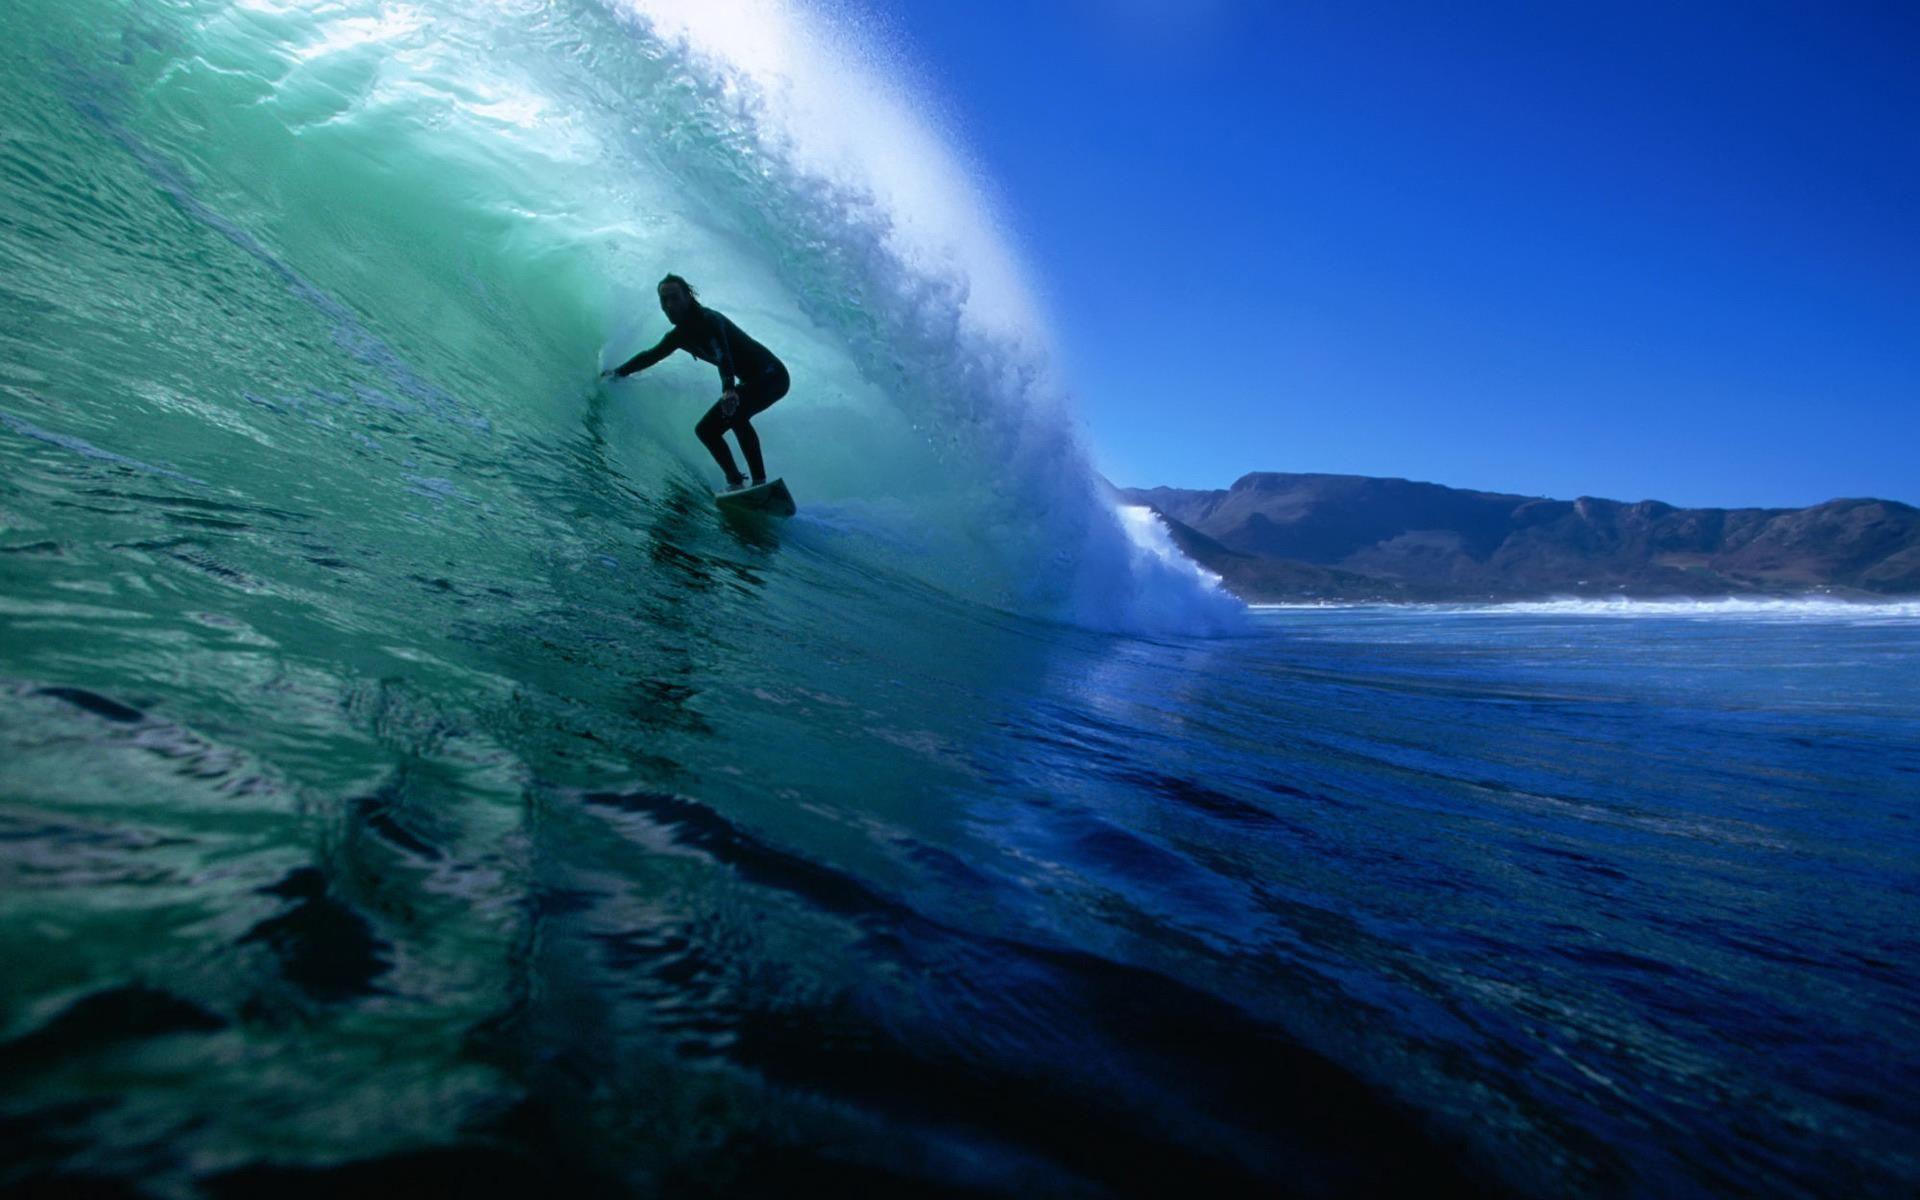 Surf Fonds D Ecran Sports Fonds D Ecran Gratuits By Unesourisetmoi Plage De Sable Blanc Surf Photos